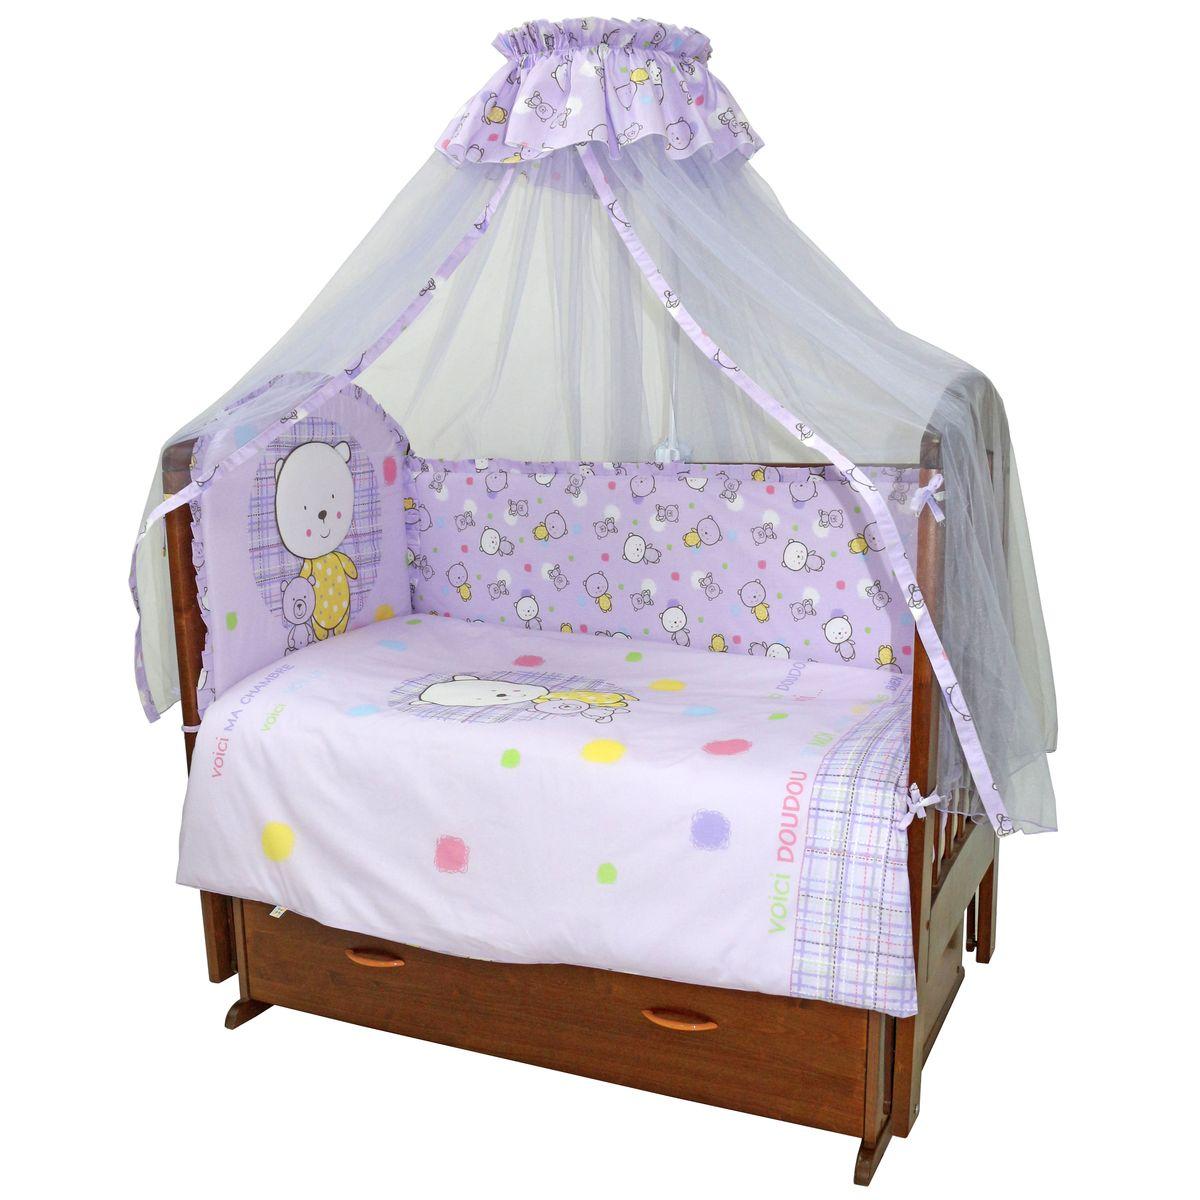 Топотушки Комплект детского постельного белья Мой Медвежонок цвет сиреневый 7 предметовS03301004Комплект постельного белья из 7 предметов включает все необходимые элементы для детской кроватки. Комплект создает для Вашего ребенка уют, комфорт и безопасную среду с рождения, современный дизайн и цветовые сочетания помогают ребенку адаптироваться в новом для него мире. Комплекты «Топотушки» хорошо вписываются в интерьер как детской комнаты, так и спальни родителей. Как и все изделия «Топотушки» данный комплект отражает самые последние технологии, является безопасным для малыша и экологичным. Российское происхождение комплекта гарантирует стабильно высокое качество, соответствие актуальным пожеланиям потребителей, конкурентоспособную цену.Комплектация: Балдахин 4,5м (сетка); охранный бампер 360х40см. (из 4-х частей, наполнитель – холлофайбер); подушка 40х60см. (наполнитель – холлофайбер); одеяло 140х110см. (наполнитель – холлофайбер); наволочка 40х60см; пододеяльник 147х112см; простынь на резинке 120х60см